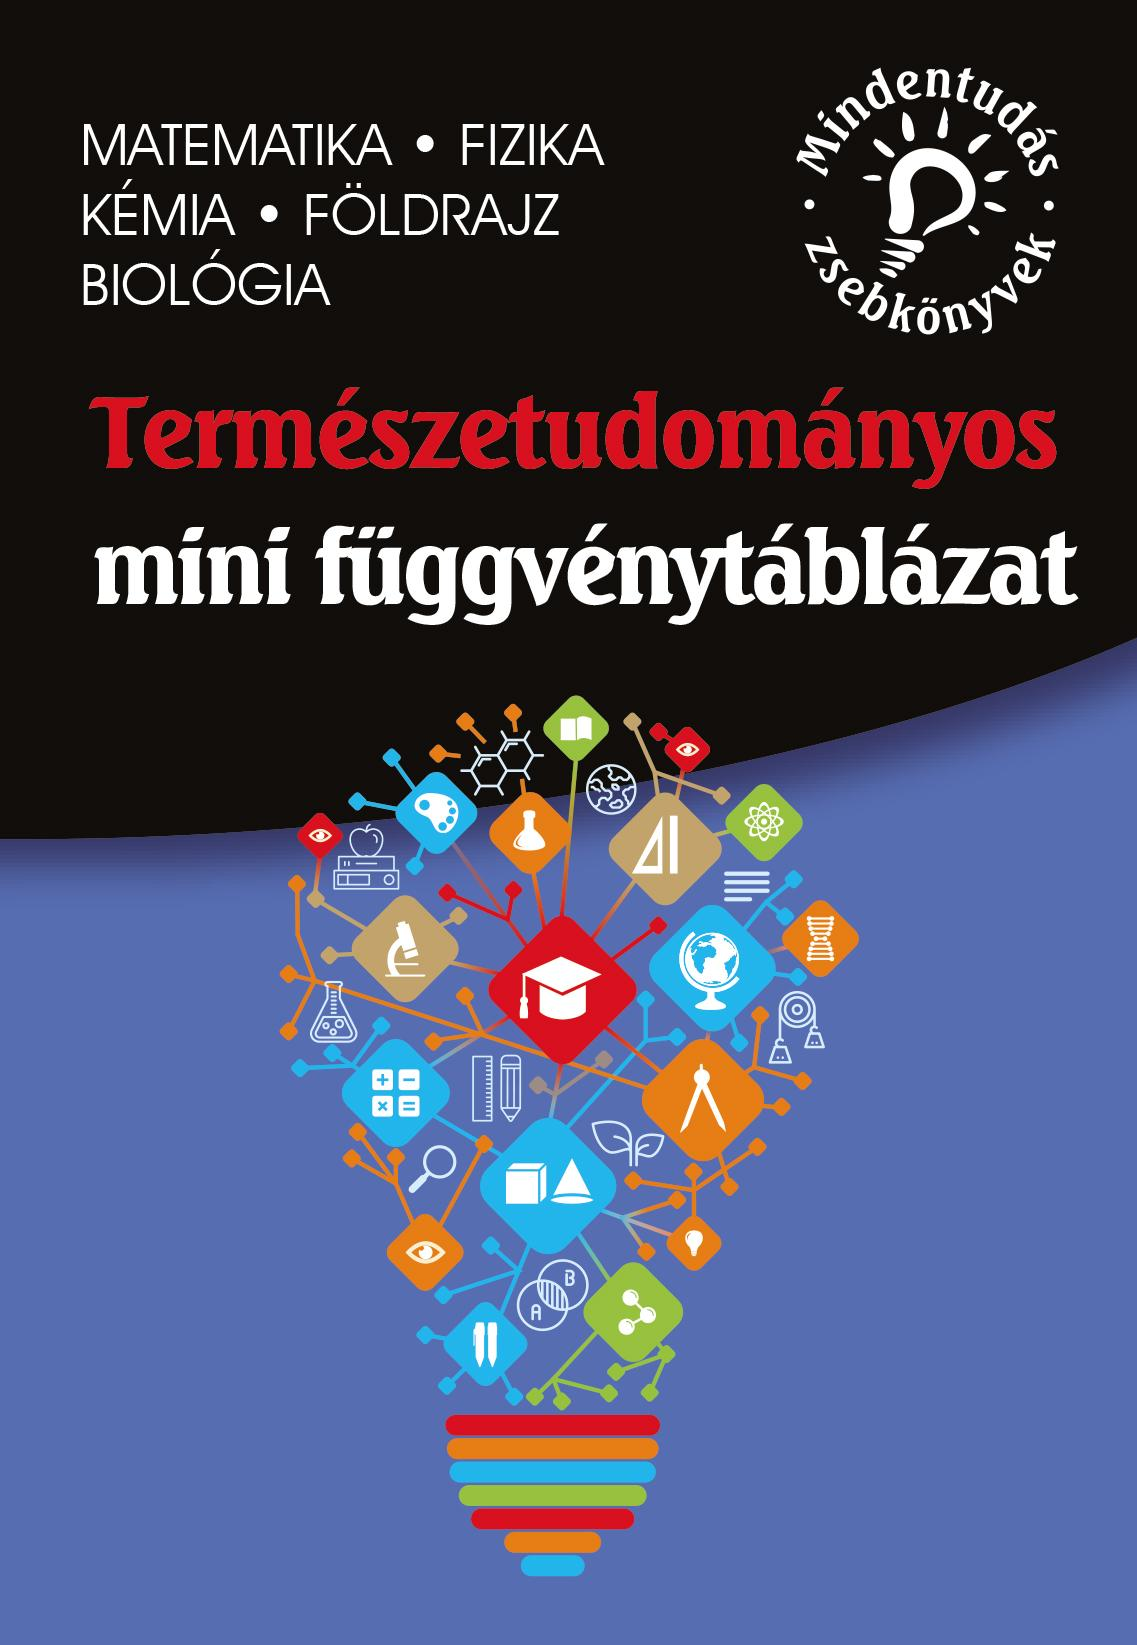 Természettudományos mini függvénytáblázat – matematika, fizika, kémia, földrajz, biológia - dr. Molnár Miklós pdf epub